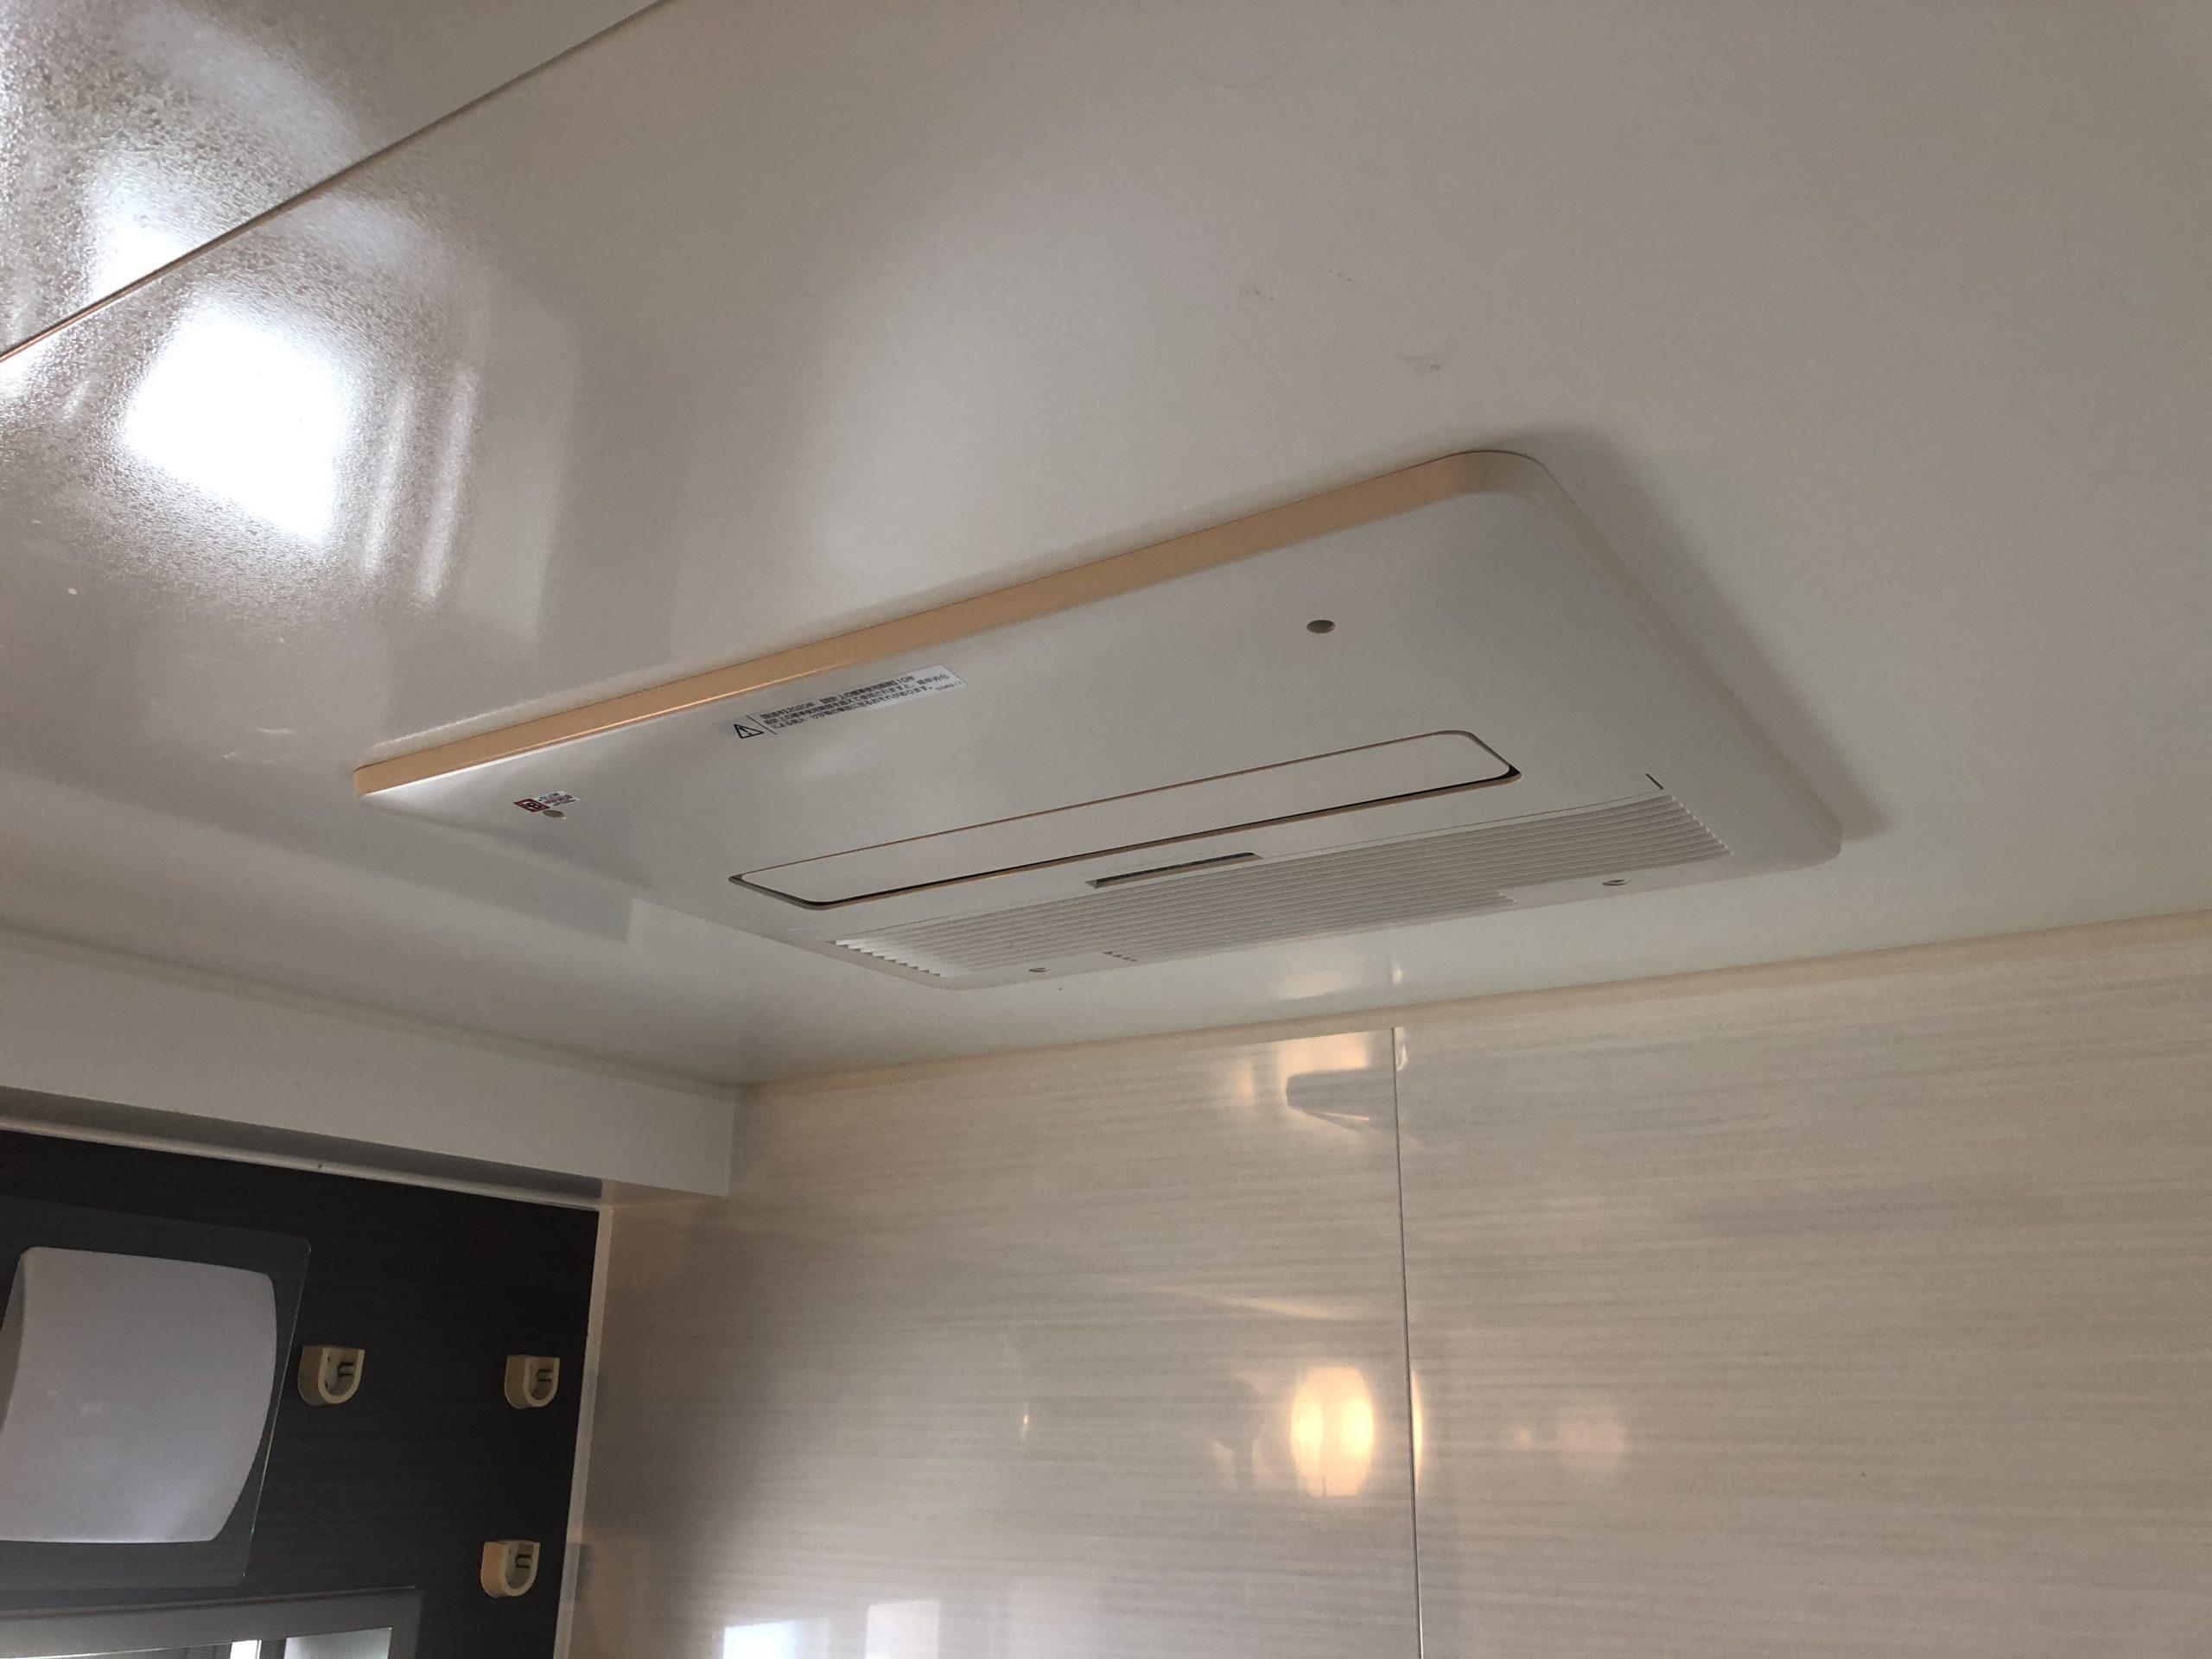 阿倍野区 浴室暖房乾燥機 施工後②